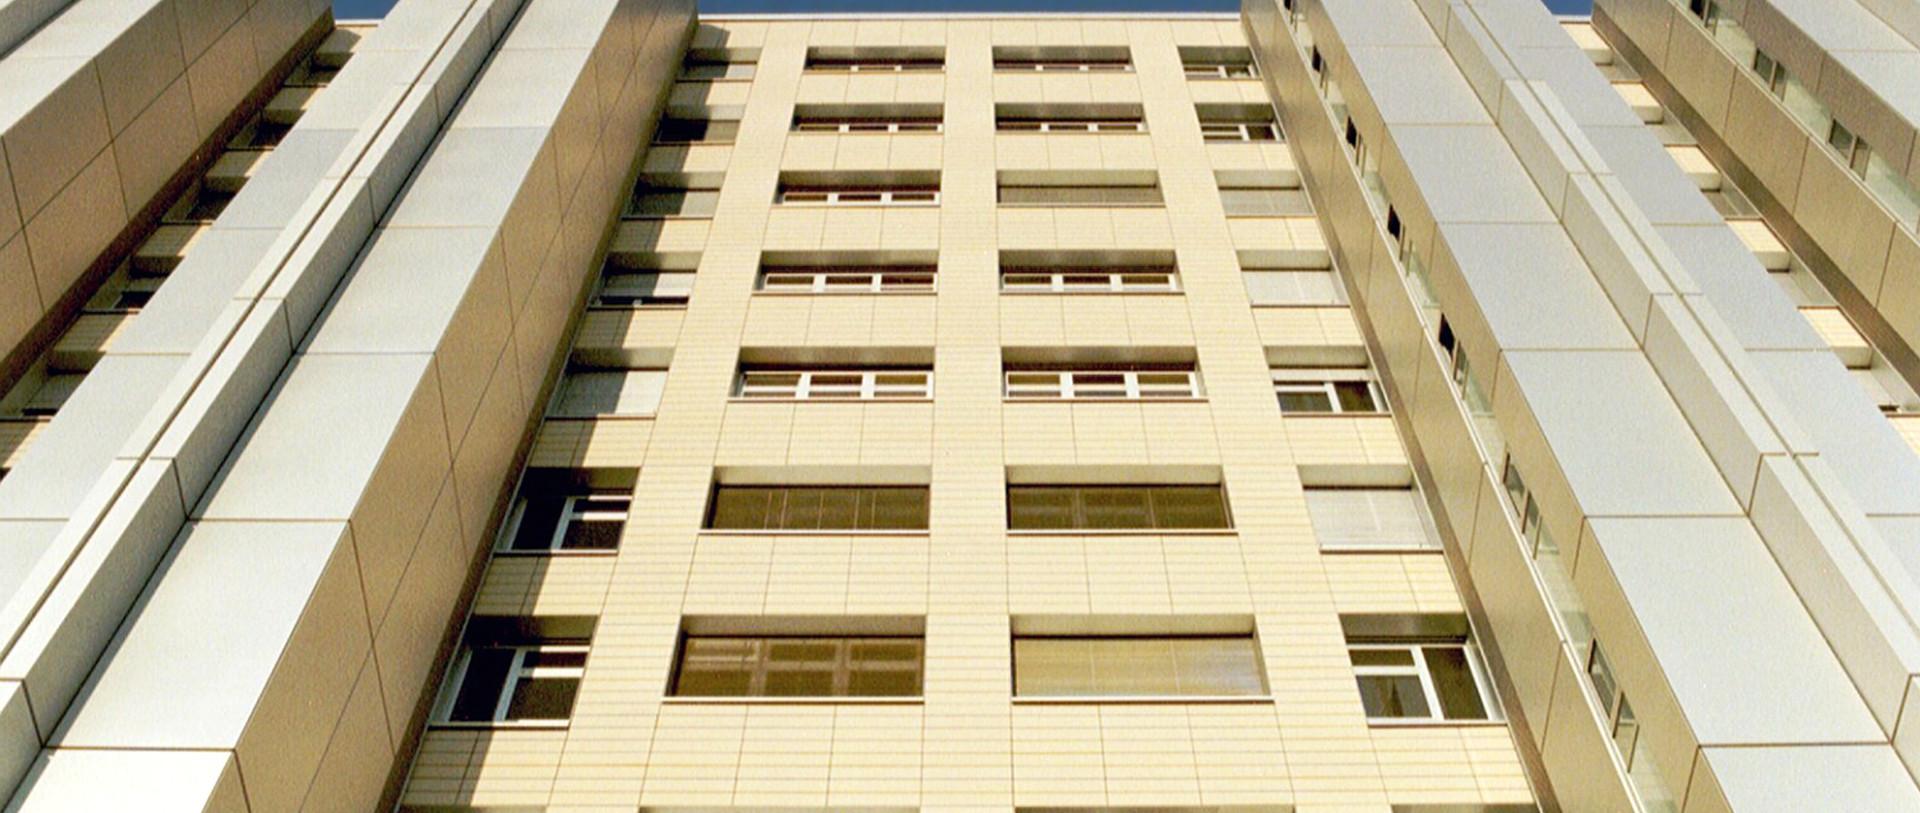 Fassade_1.jpg